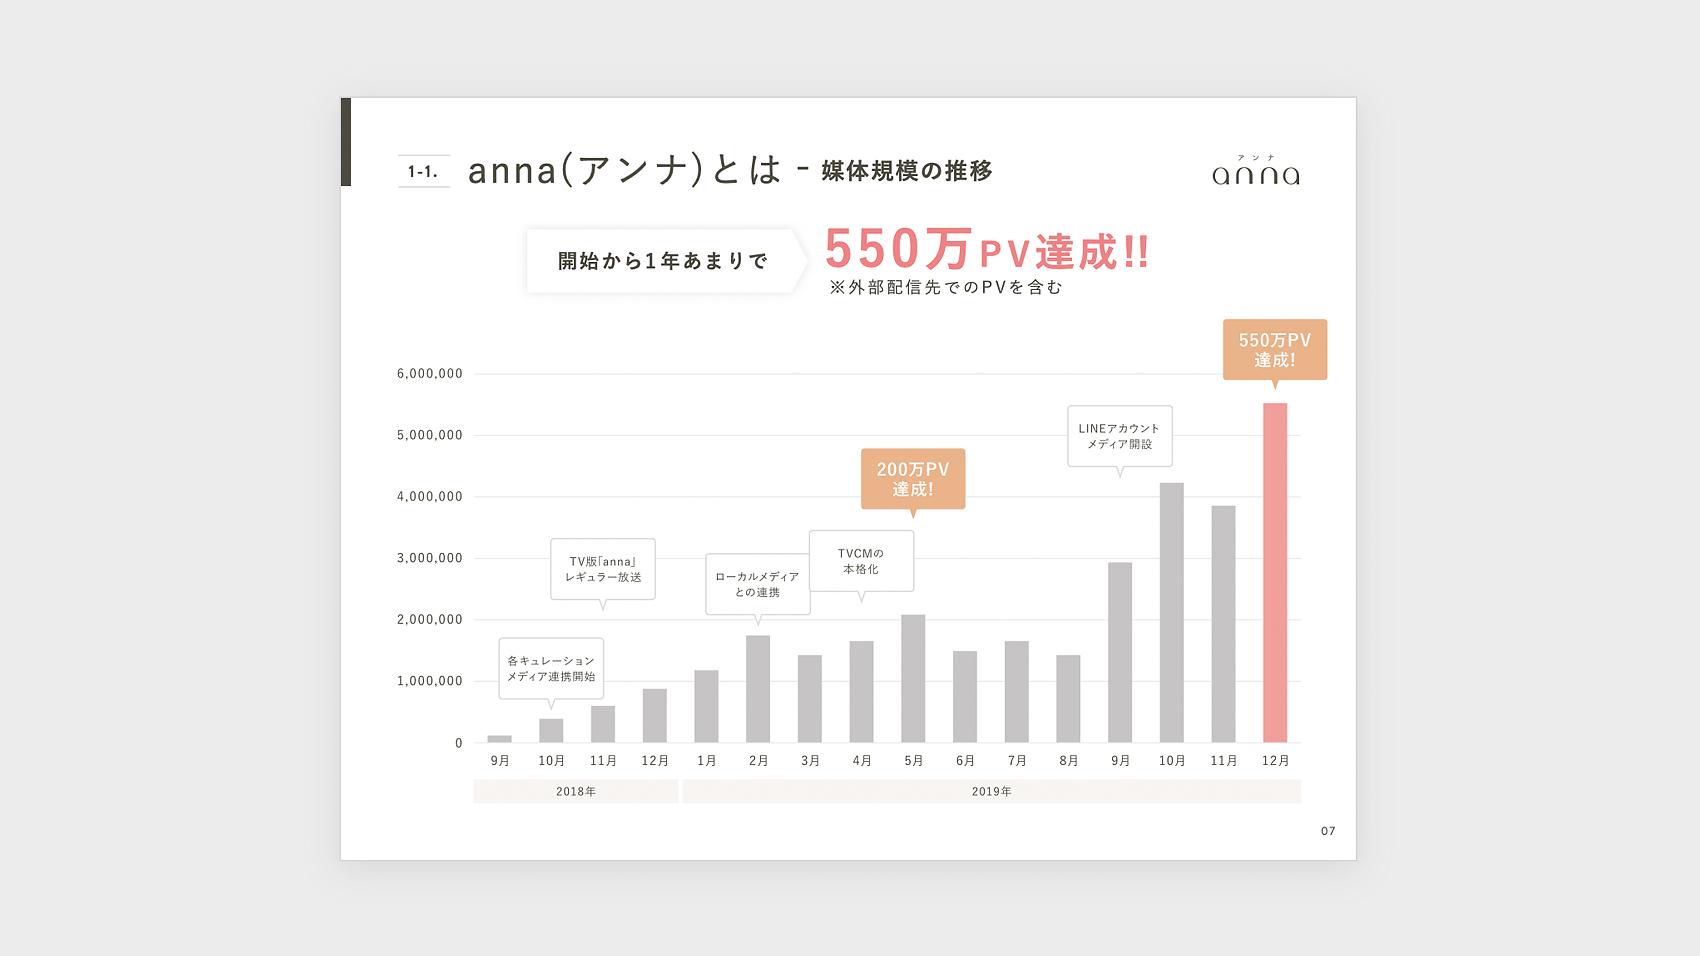 リデザインした月間PV数の推移棒グラフ